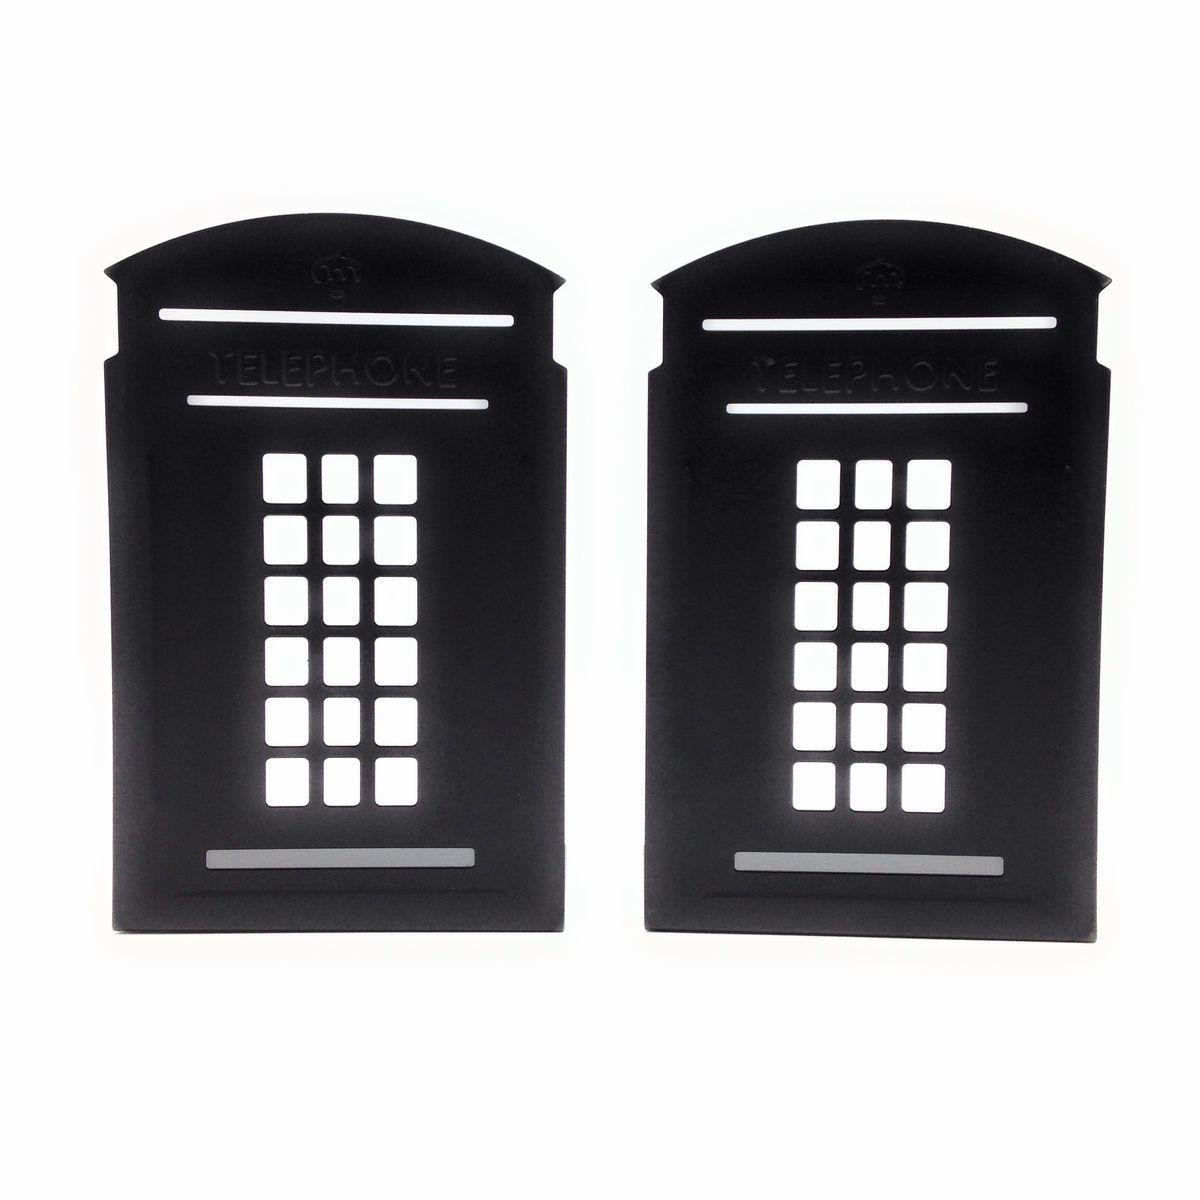 おしゃれ かわいい ブックスタンド 買収 本立て 大幅値下げランキング イギリス ブラック ロンドン風 2個セット 電話ボックス風 ブックエンド